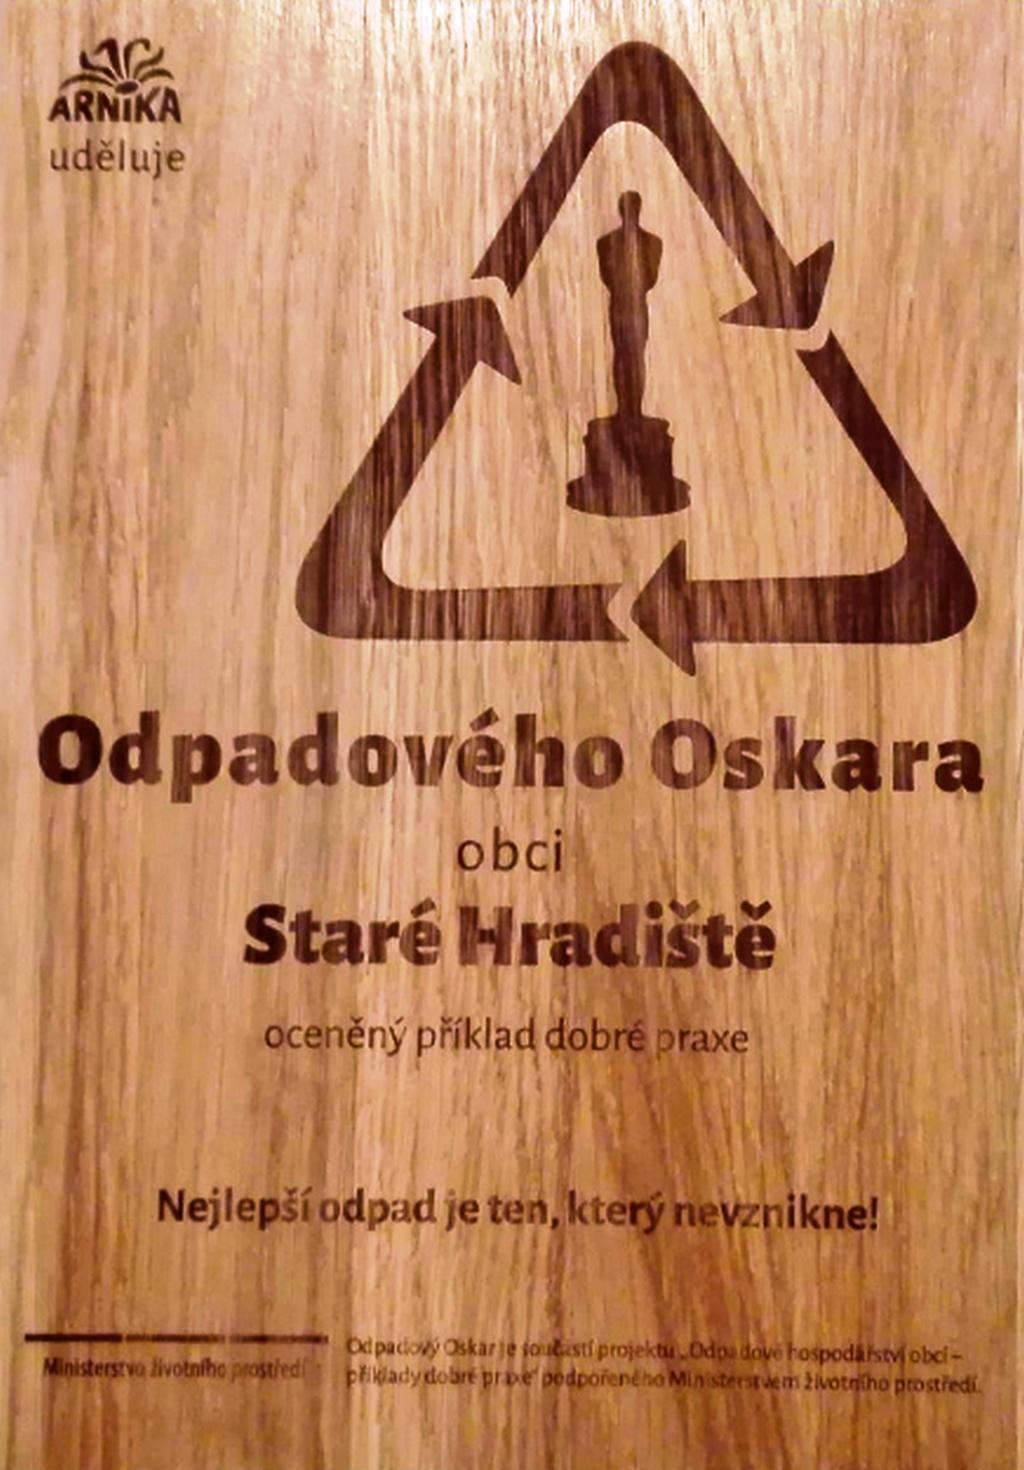 Cena Odpadový Oskar